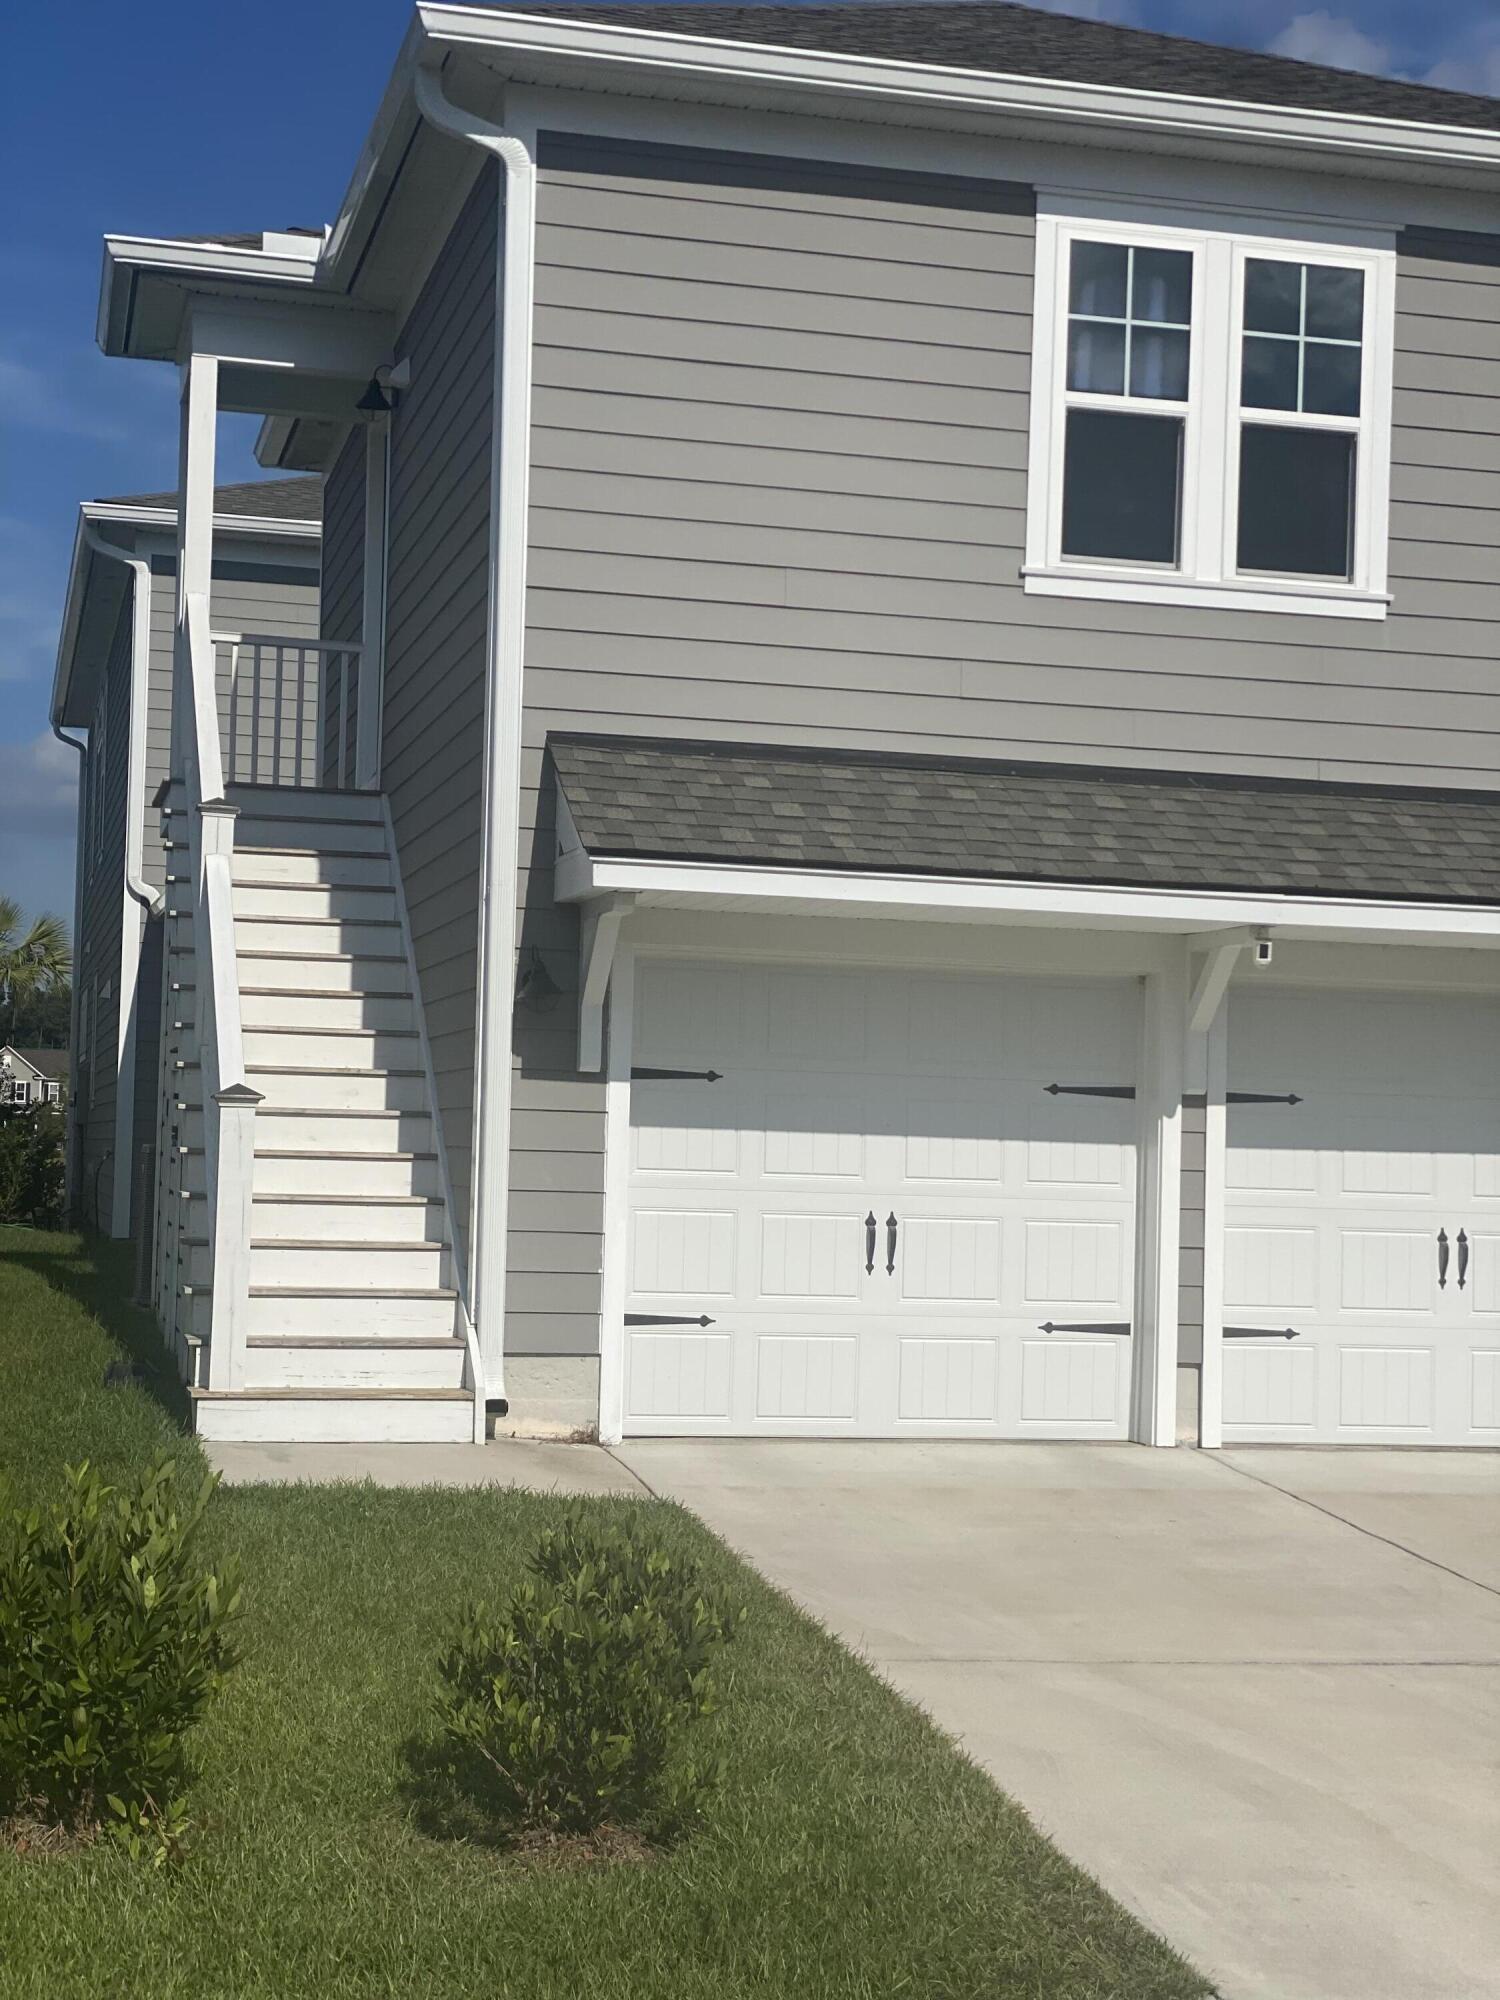 411 Scholar Way Garage Apt. Summerville, SC 29486